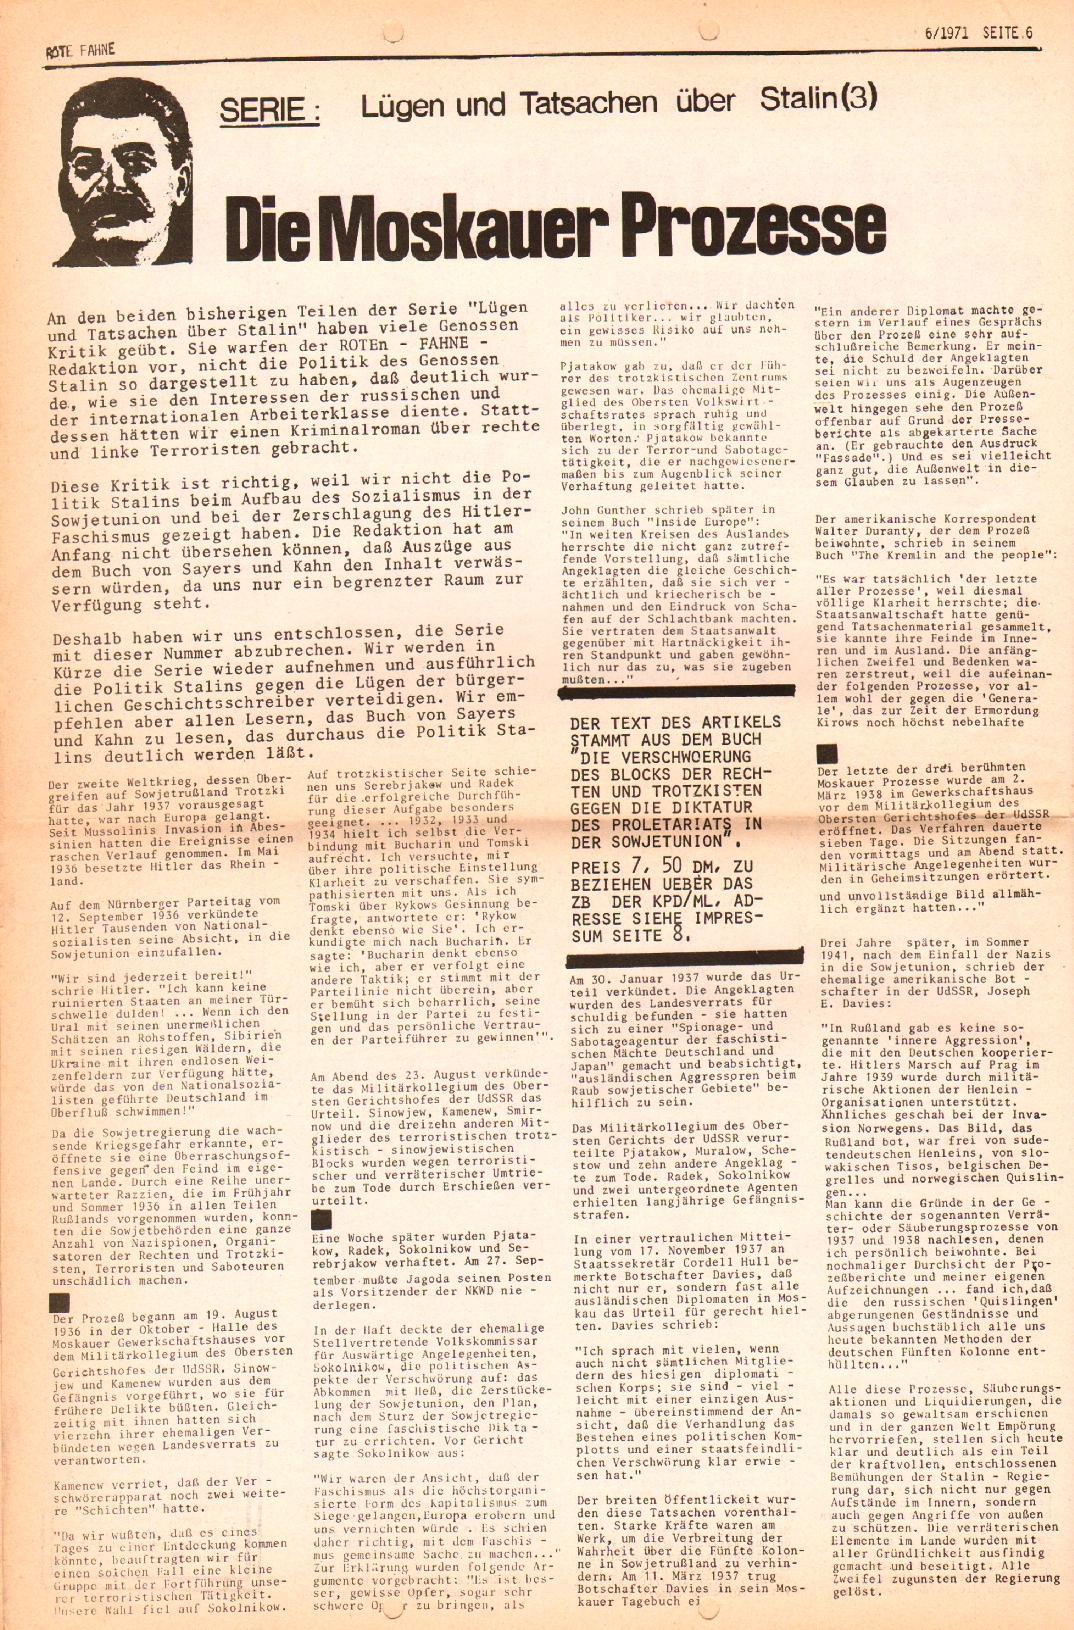 Rote Fahne, 2. Jg., 29.3.1971, Nr. 6, Seite 6